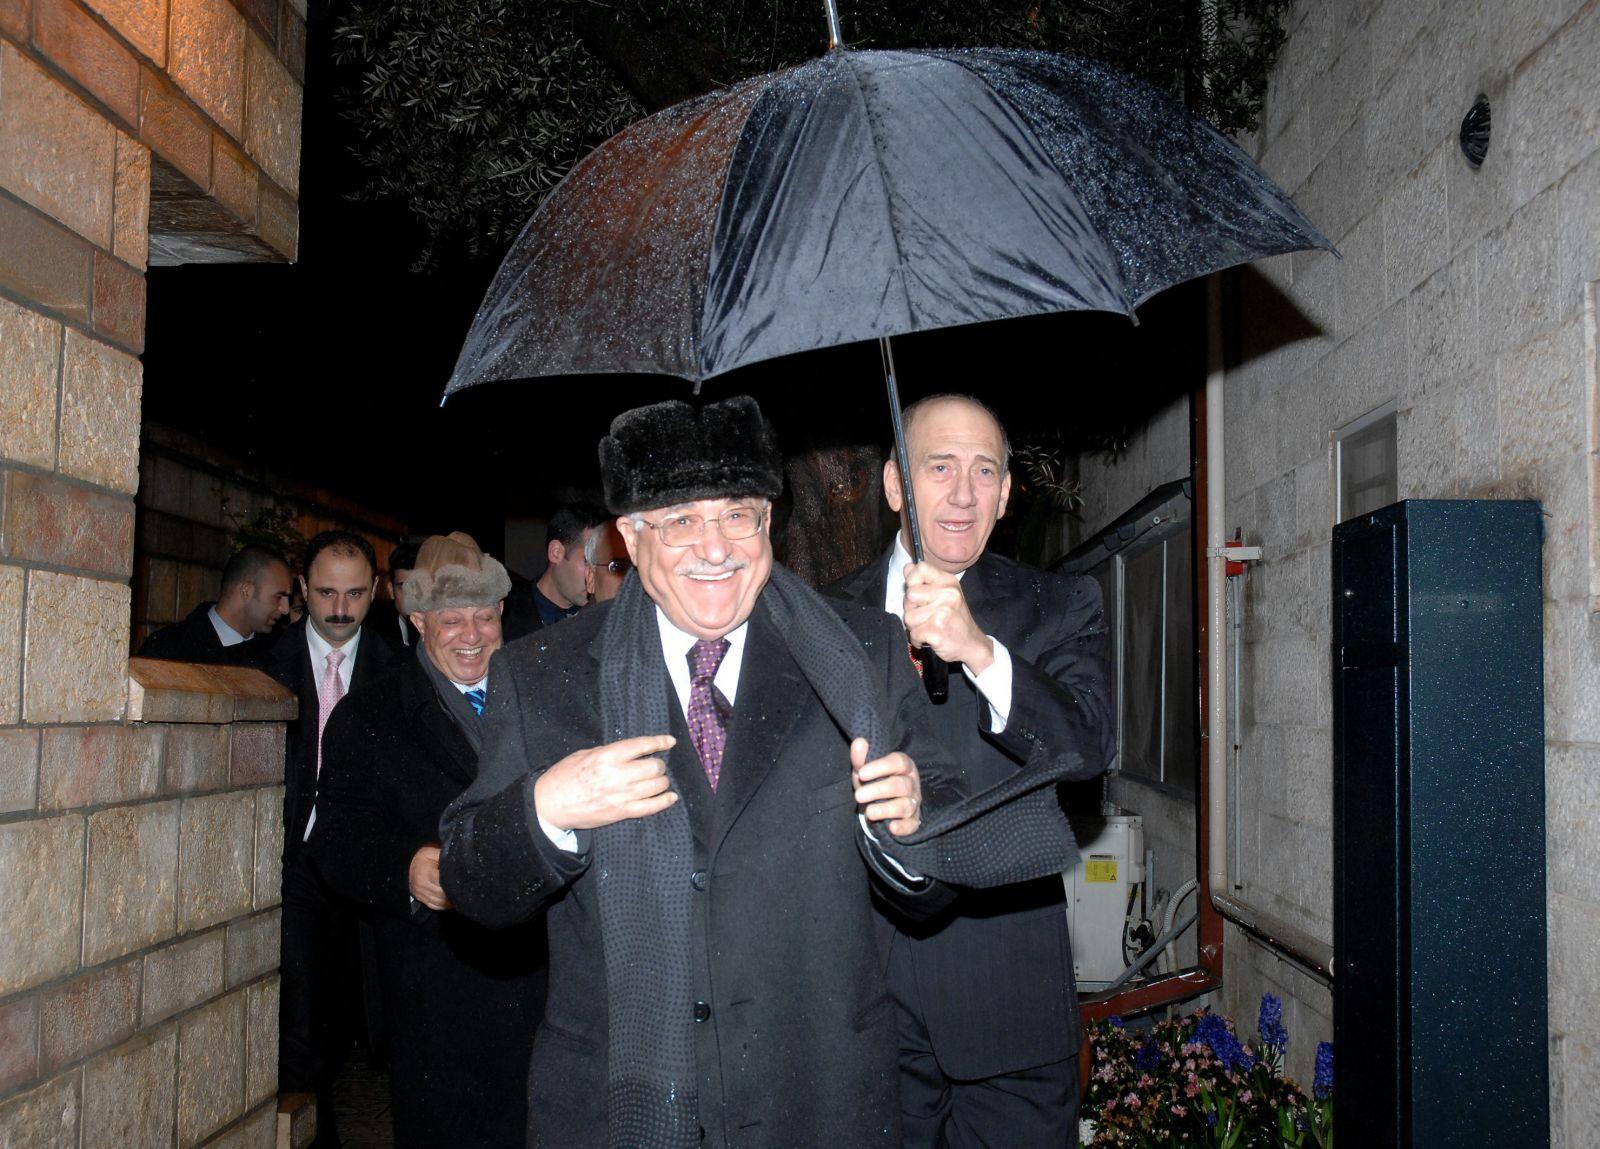 """ראש הממשלה אולמרט, יו""""ר הרשות הפלסטינית מחמוד עבאס וצוות המשא-ומתן בגשם. ירושלים, 19.2.08 (צילום: משה מילנר, לע""""מ)"""